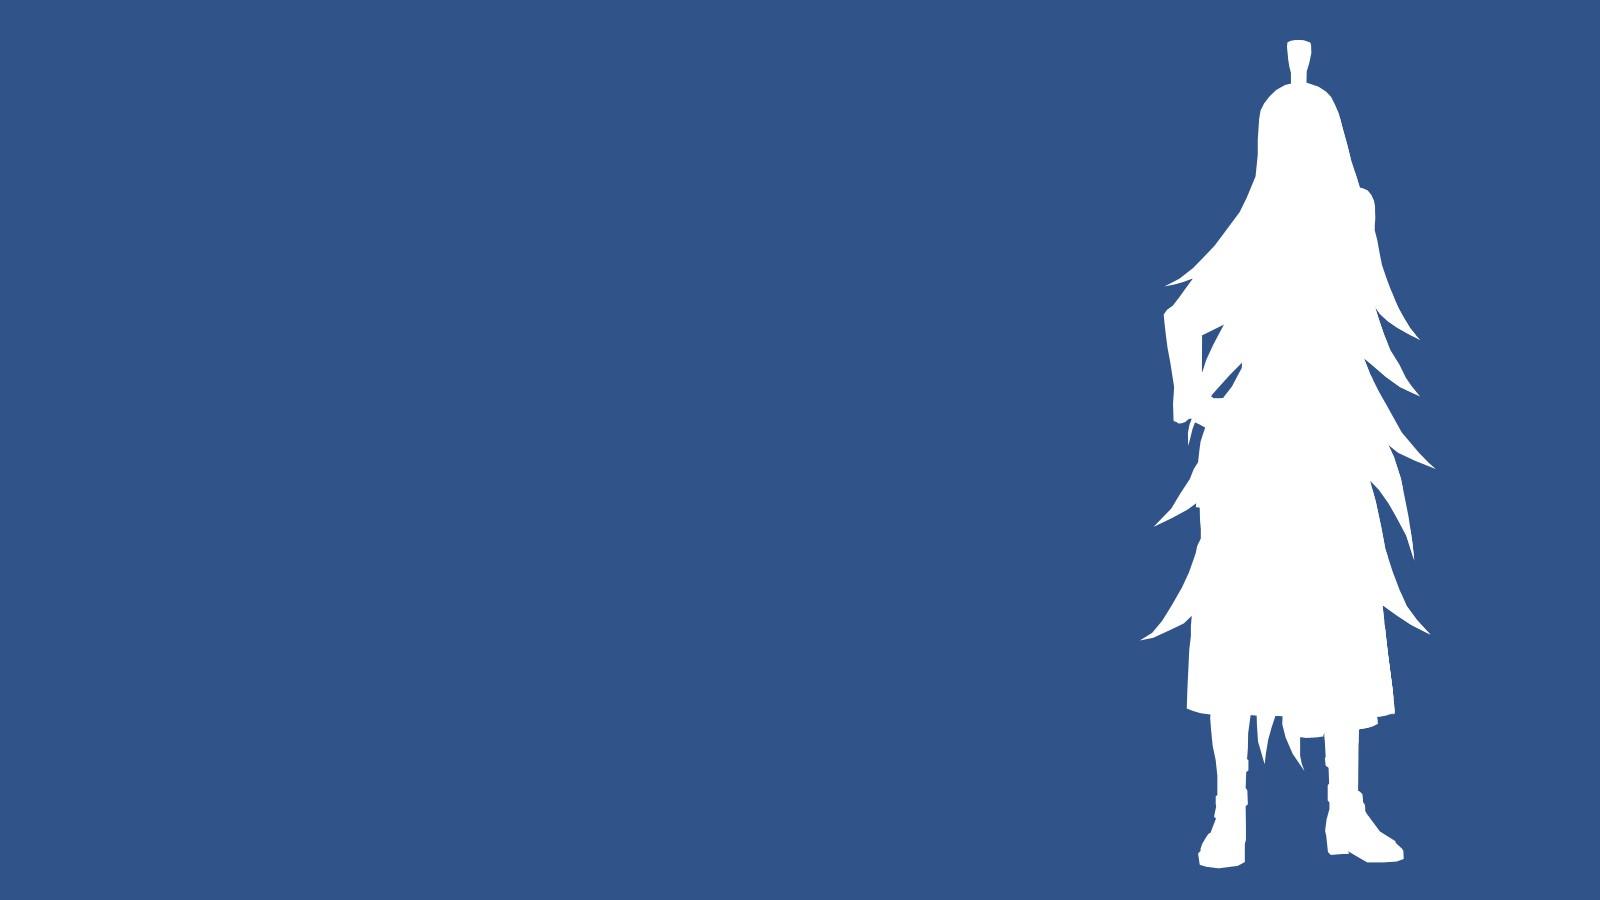 デスクトップ壁紙 図 単純な背景 アニメ シルエット 青 ナルト